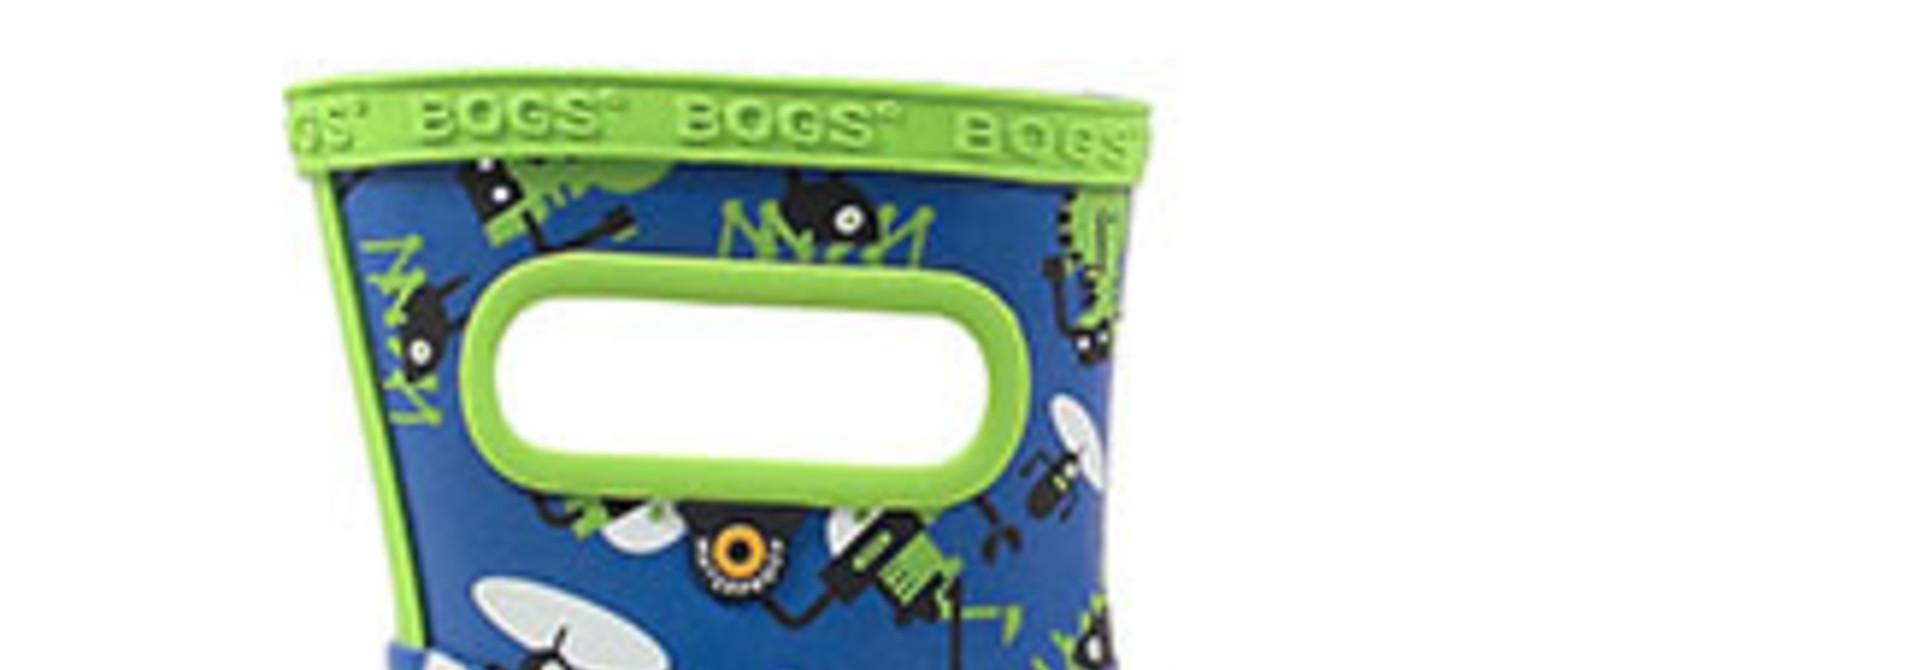 Bottes d'eau Bogs - ROBOTS Bleus